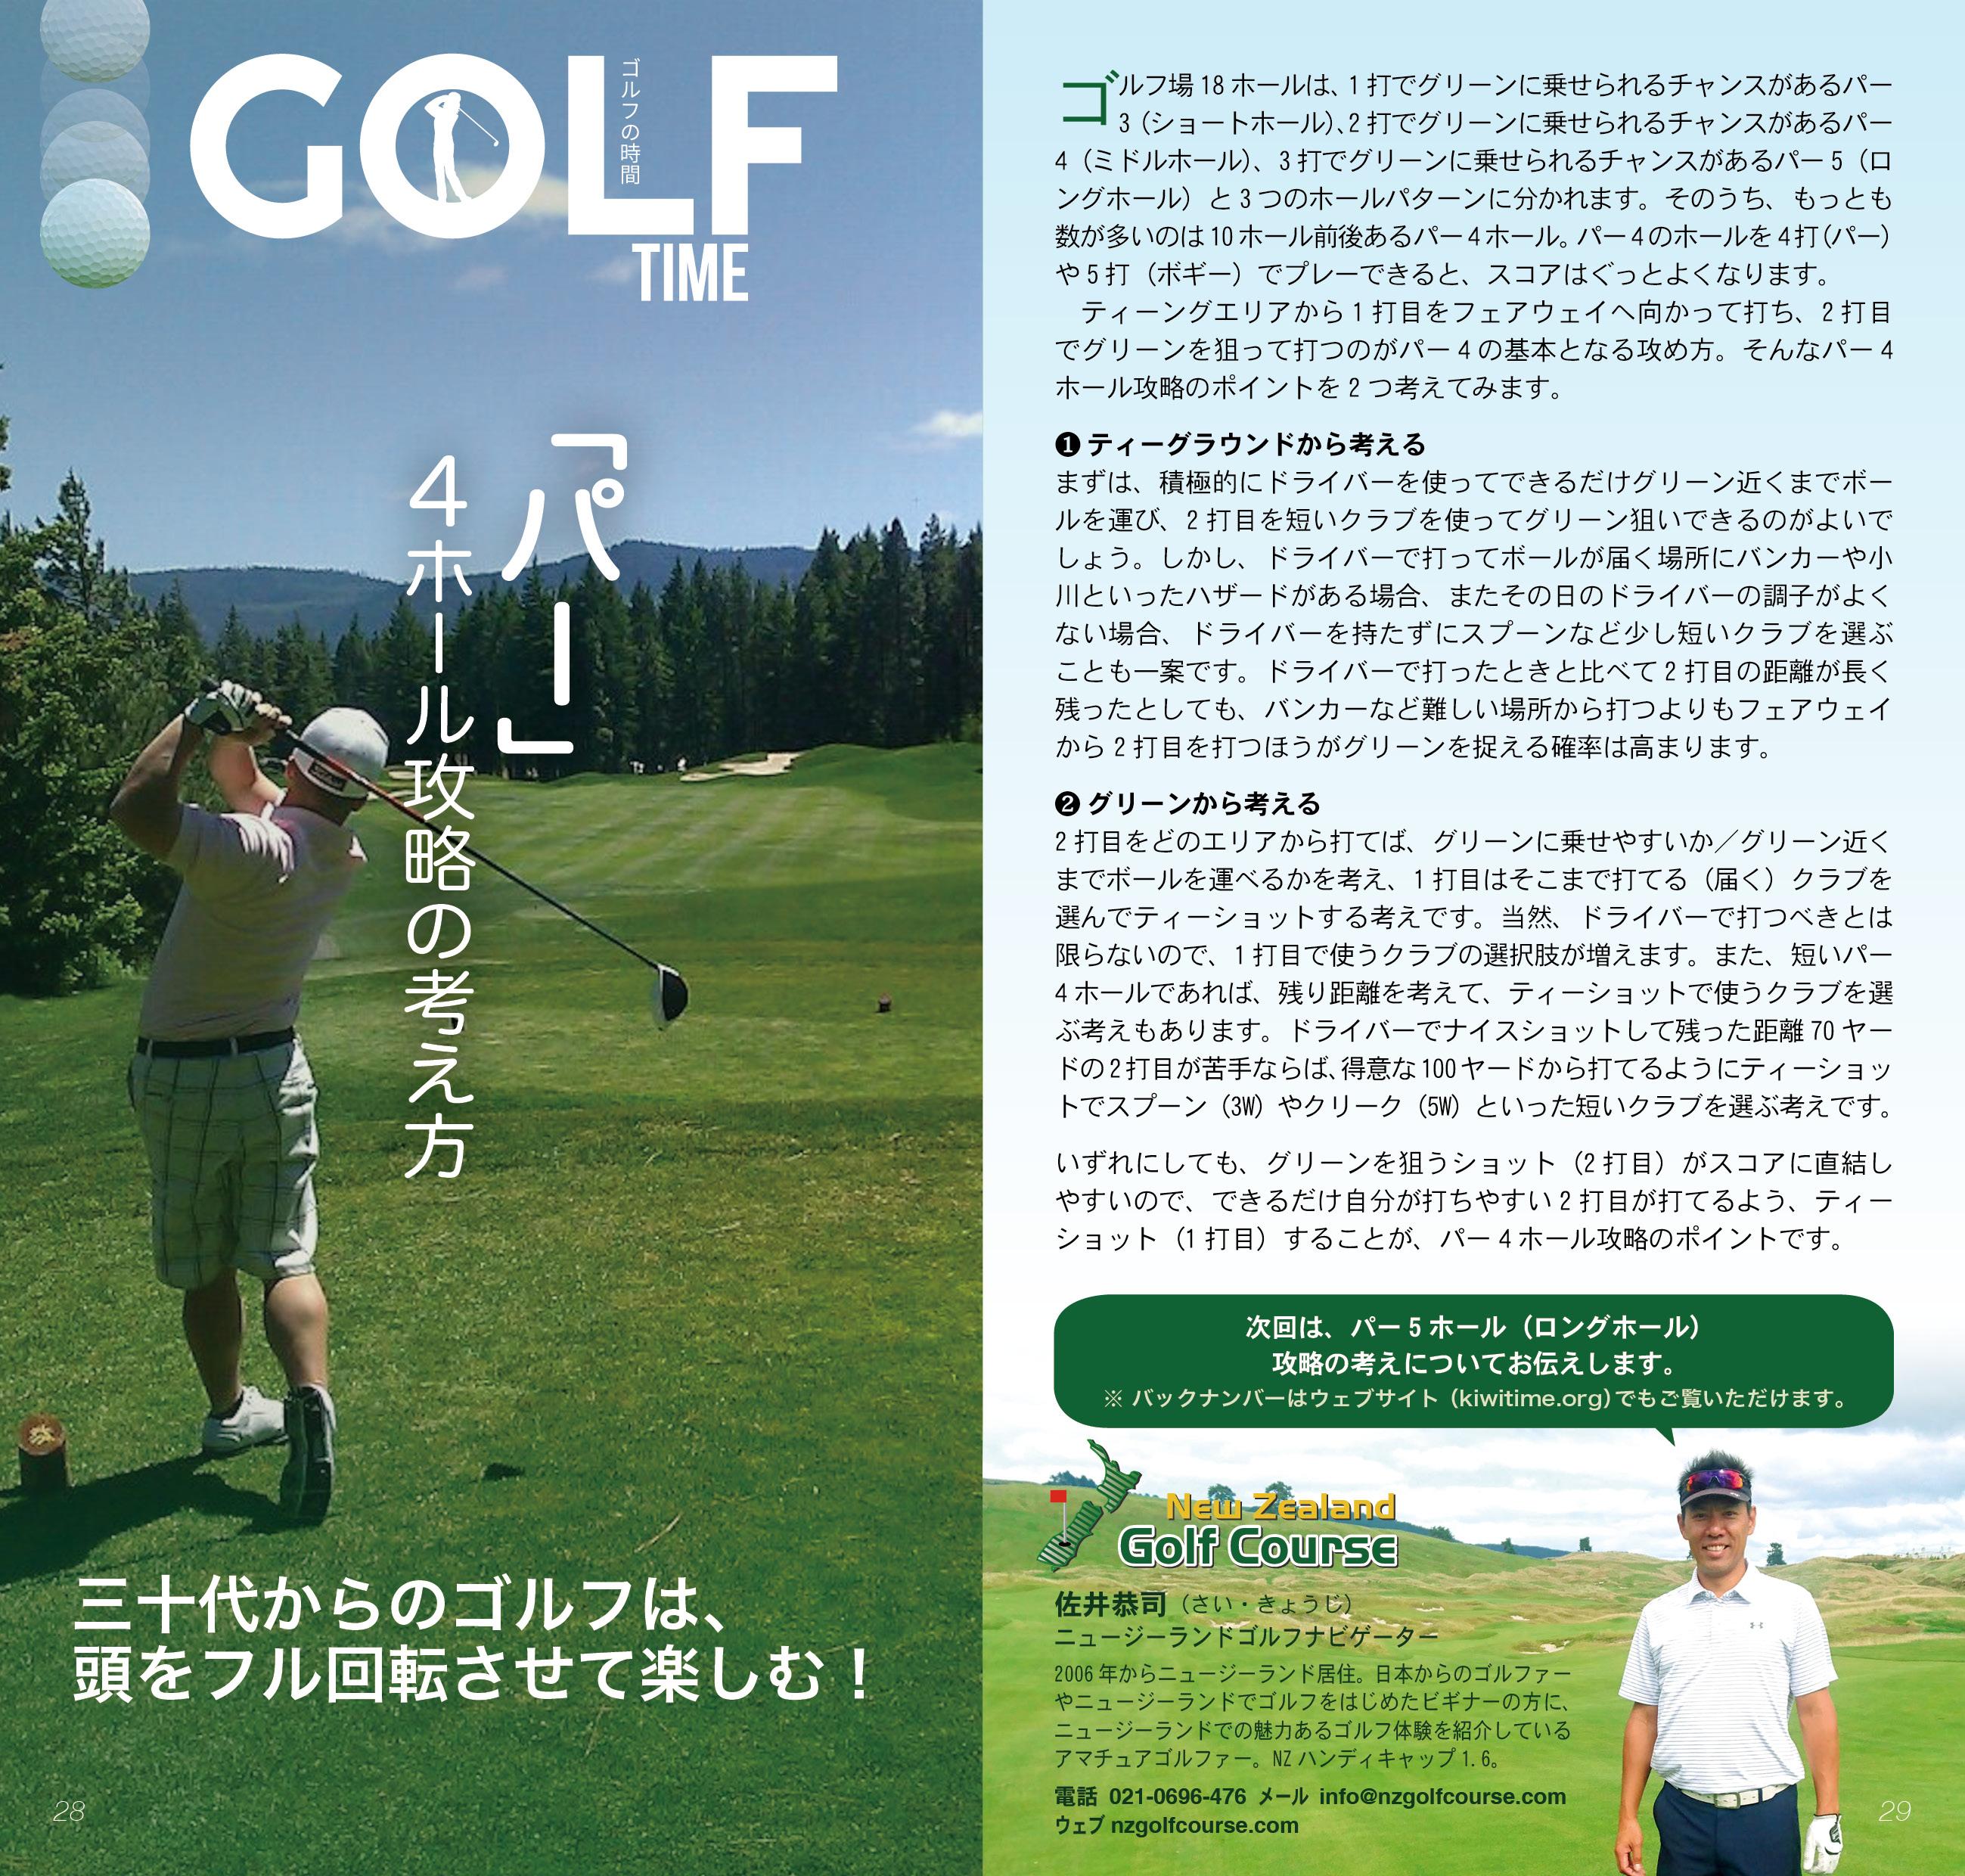 ニュージーランドゴルフコラム(KIWITIME2019年6月号)